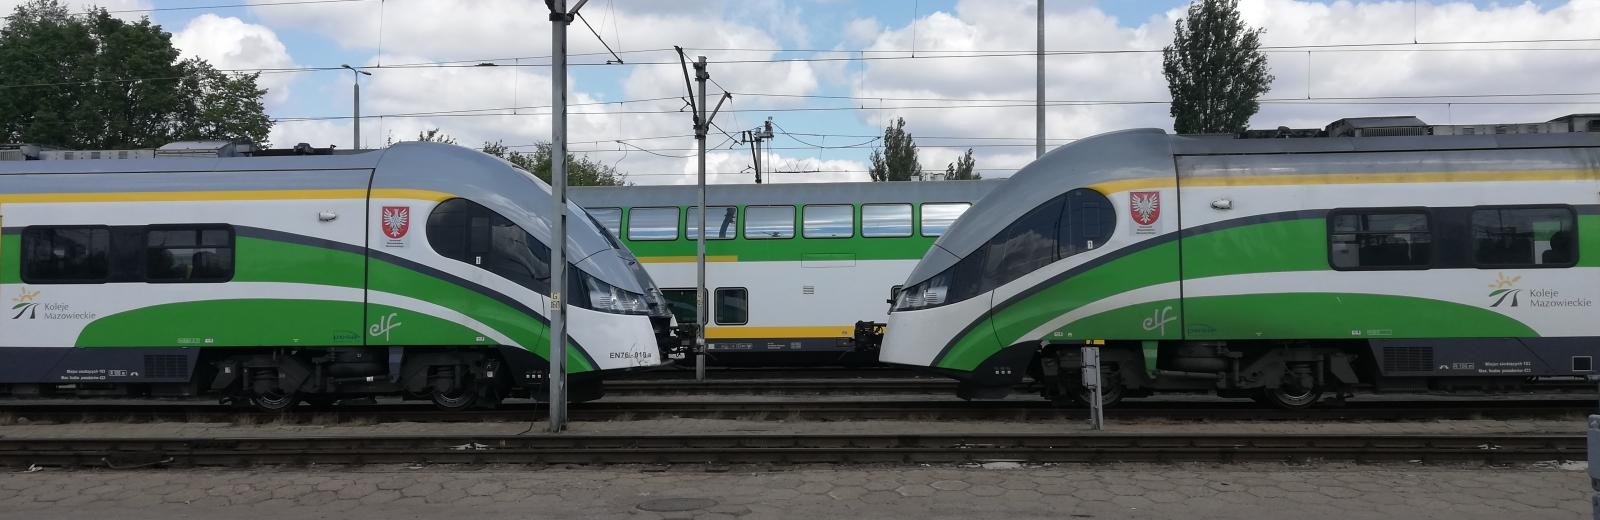 Zmiany w rozkładzie jazdy pociągów Kolei Mazowieckich w okresie od 9 czerwca do 31 sierpnia 2019 r.